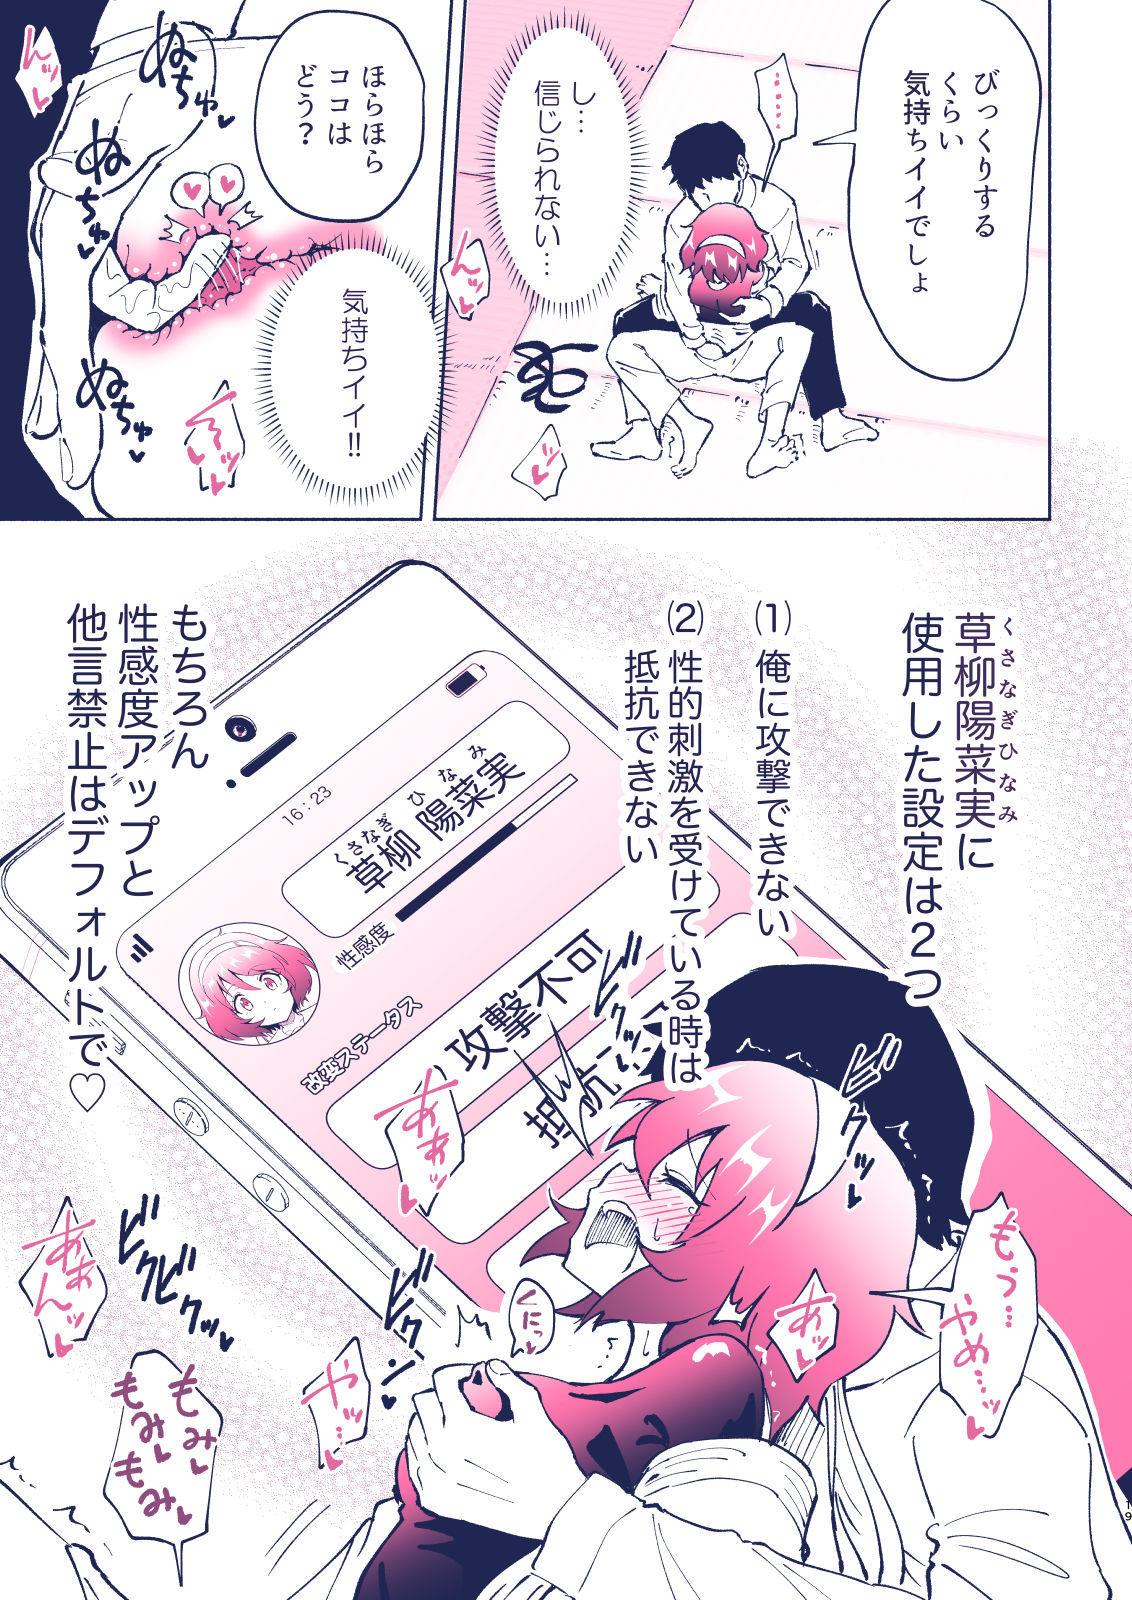 セックススマートフォン〜ハーレム学園編4〜のサンプル画像3